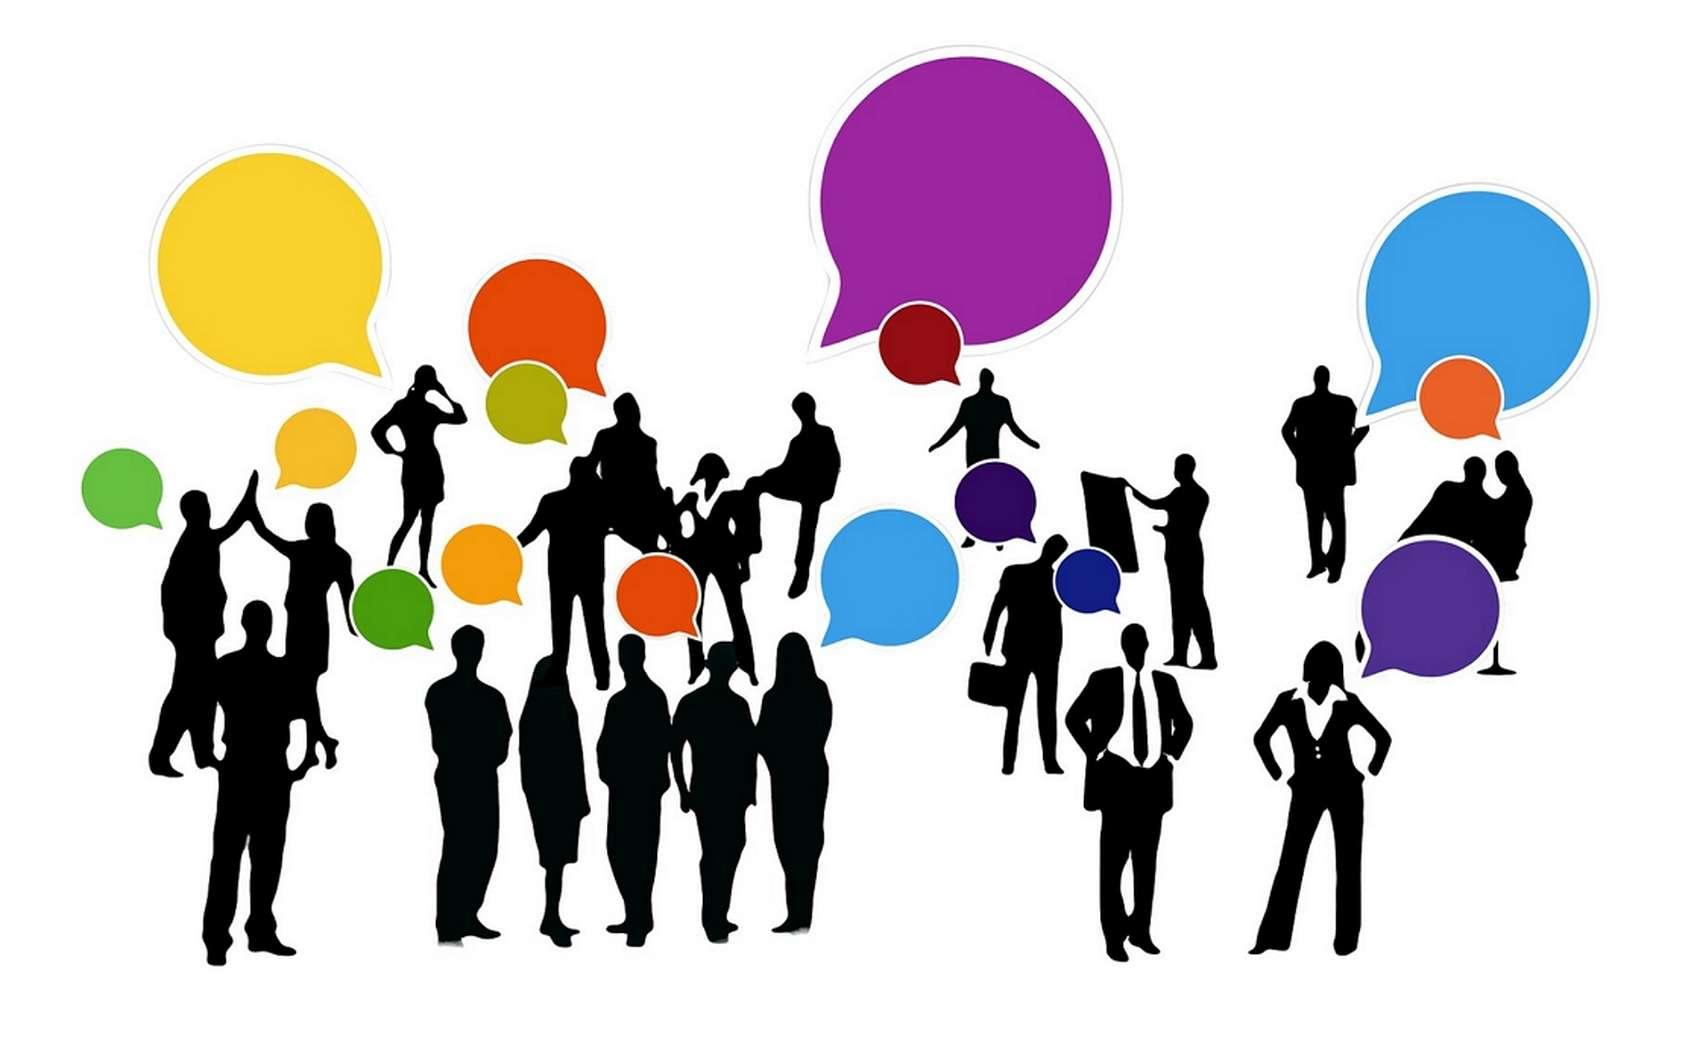 Les messageries instantanées ont révolutionné les communications électroniques, en permettant bien plus de possibilités que les SMS/MMS. © Pixabay.com